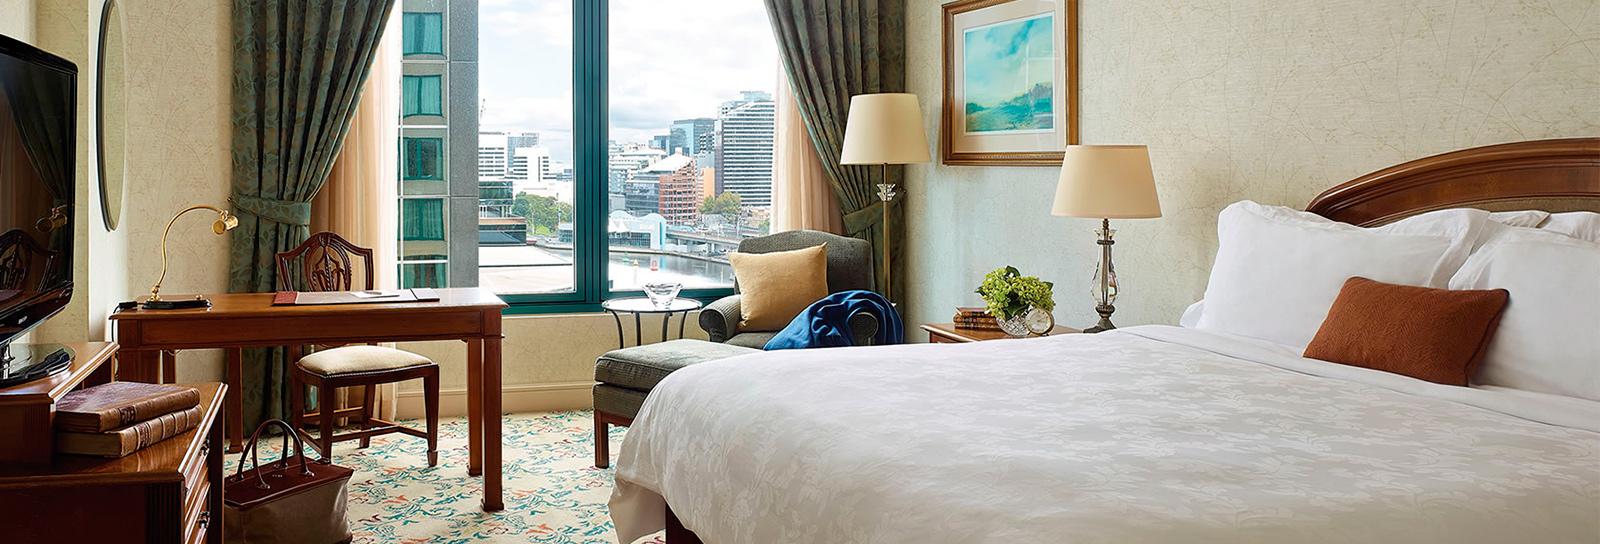 Site ajuda viajante a economizar oferecendo reservas de poucas horas em hotéis